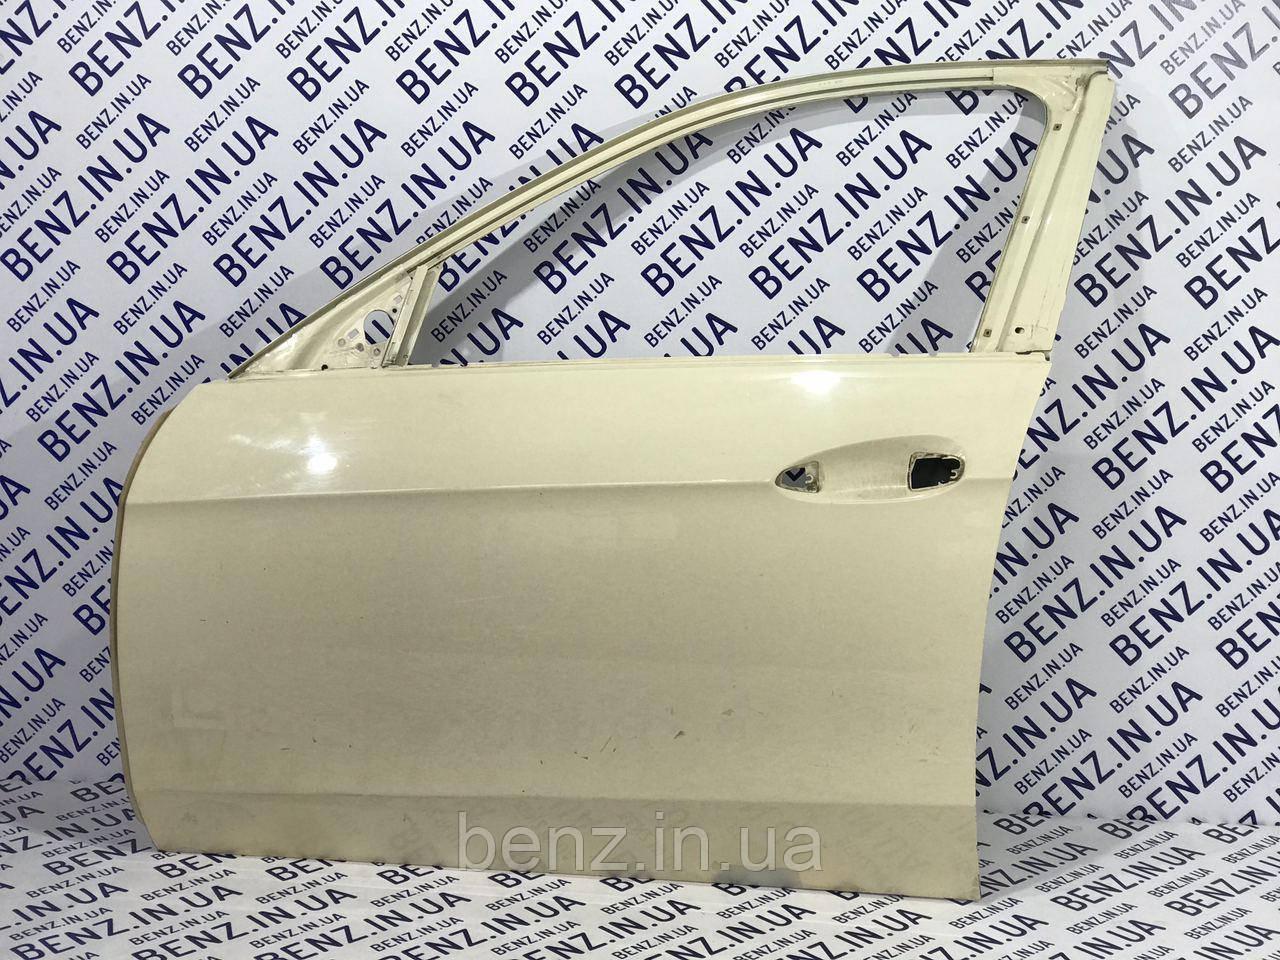 Двері передня ліва W212 рестайлінг A2127205300 / A2127200105